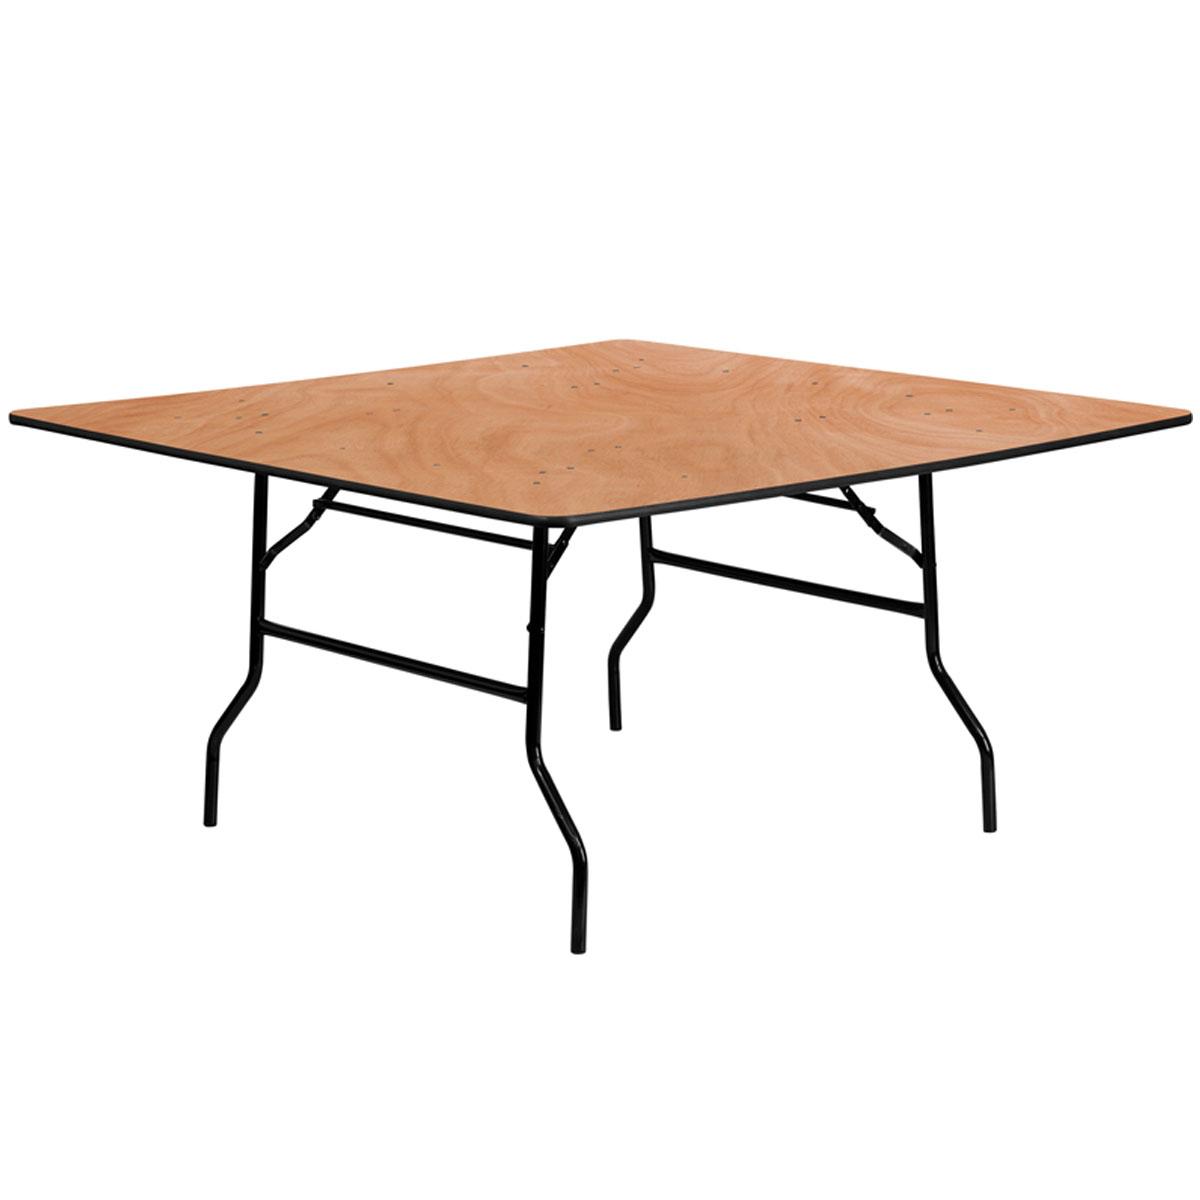 Table Pliante Rectangle Bois 153 X 46 Cm Vente De